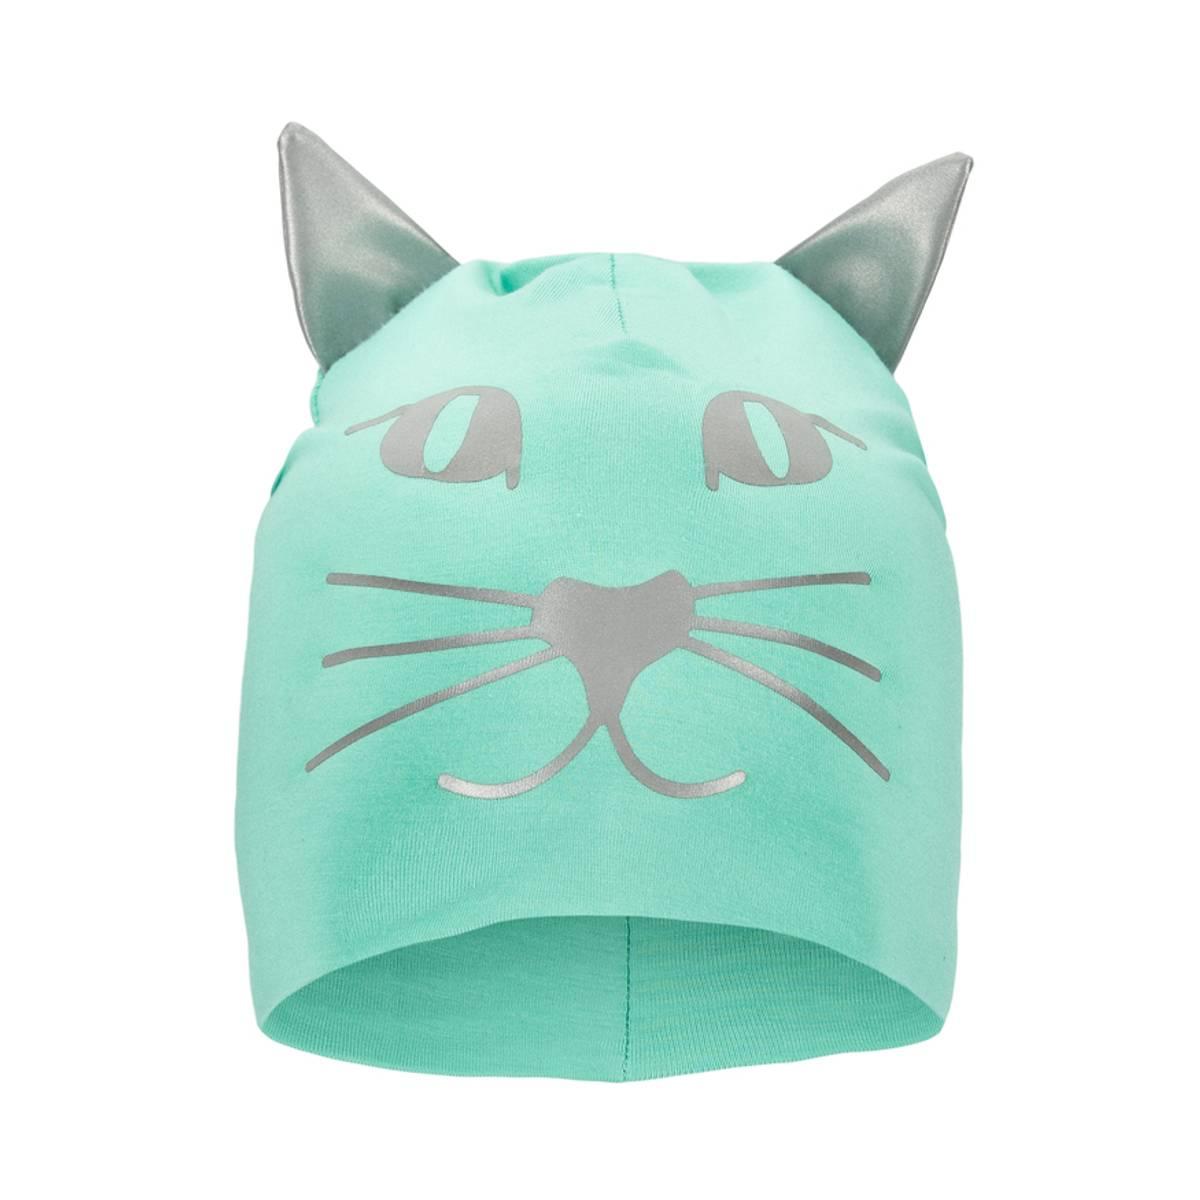 Morild Funkle lue med refleks, puddergrønn kattepus